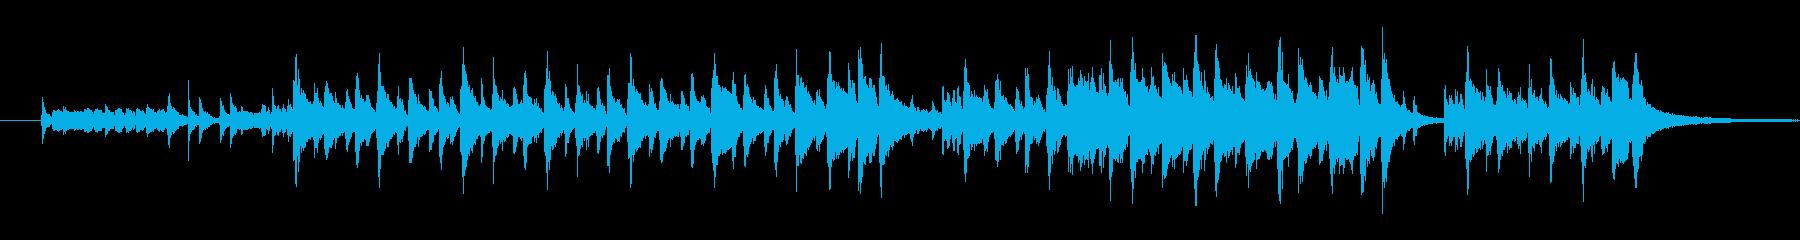 インディーズ ロック ポップ ブル...の再生済みの波形